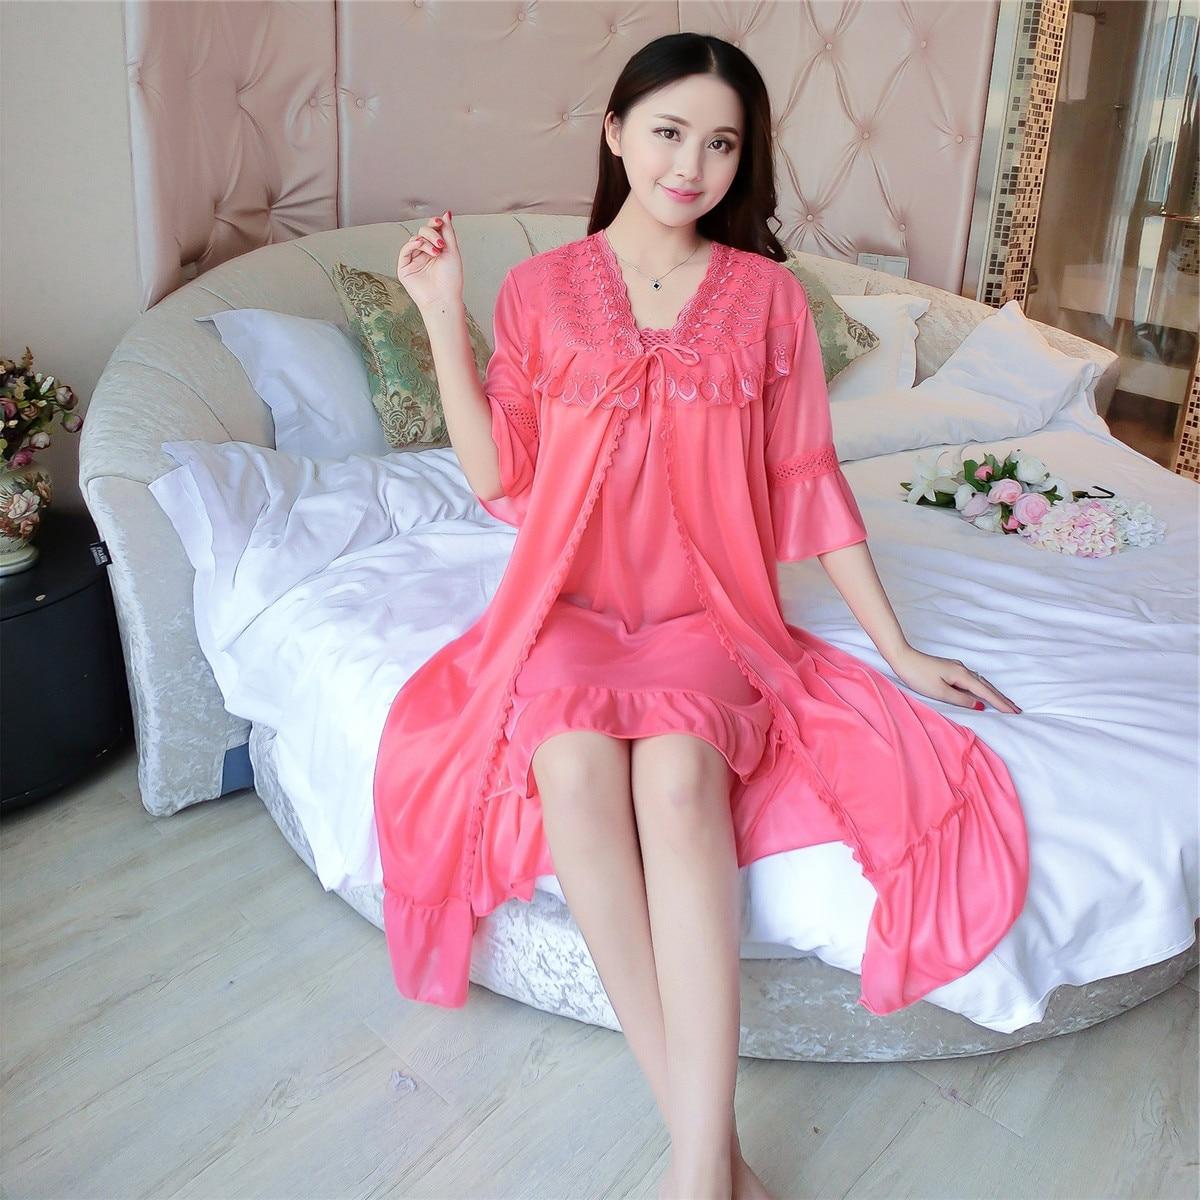 Deep V Neck Women Satin Nightgown Lace Sleepwear Half Sleeve Ladies Silk Nightwear Sleep Wear Night Gown Dress + Outwear